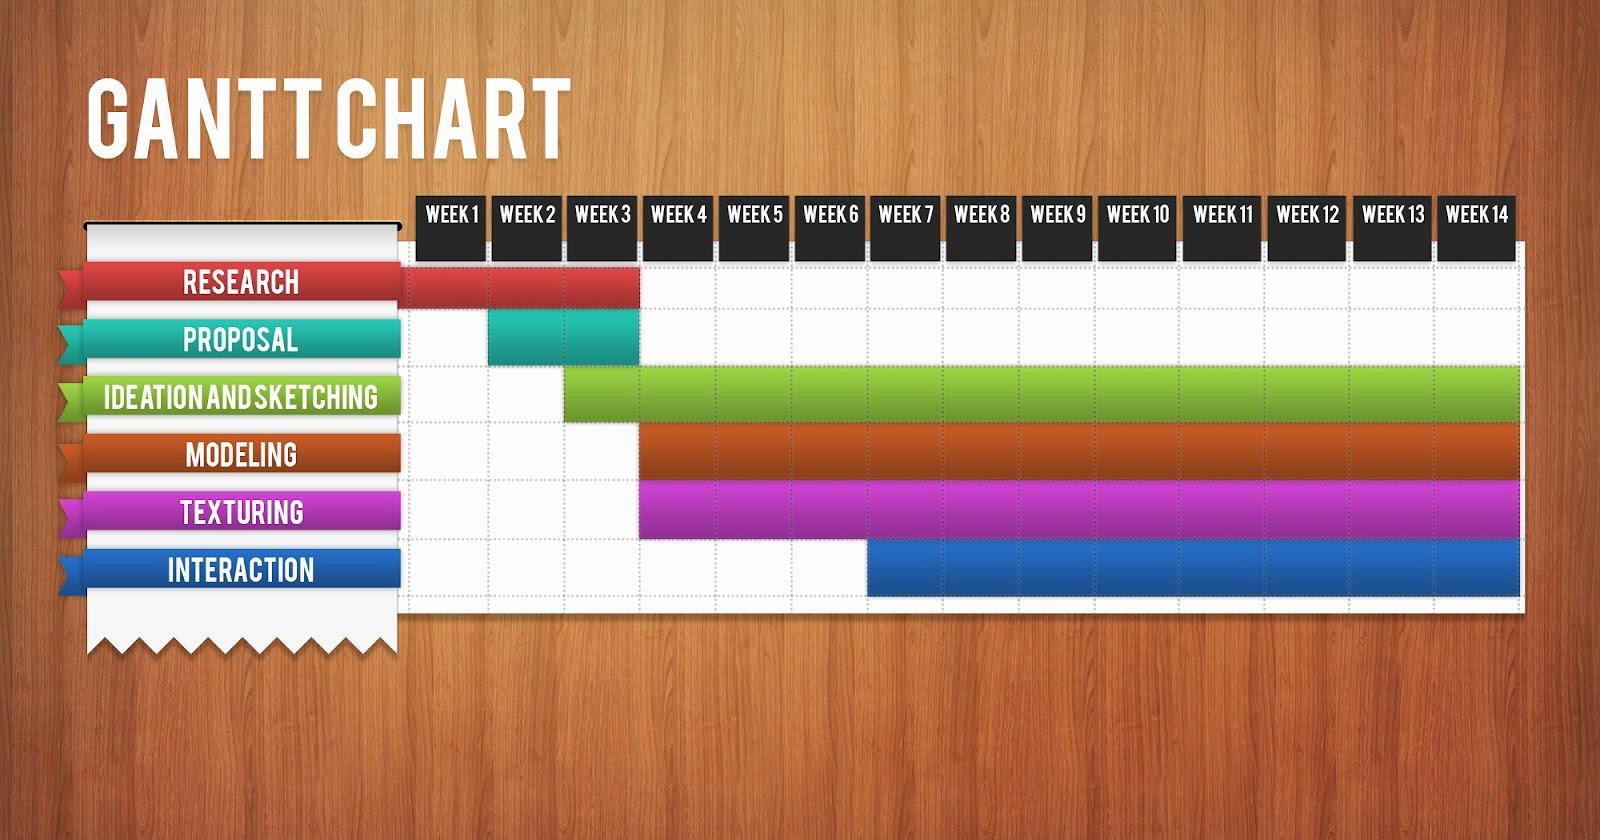 Gantt Chart Template Word Fresh Gantt Chart Excel Template